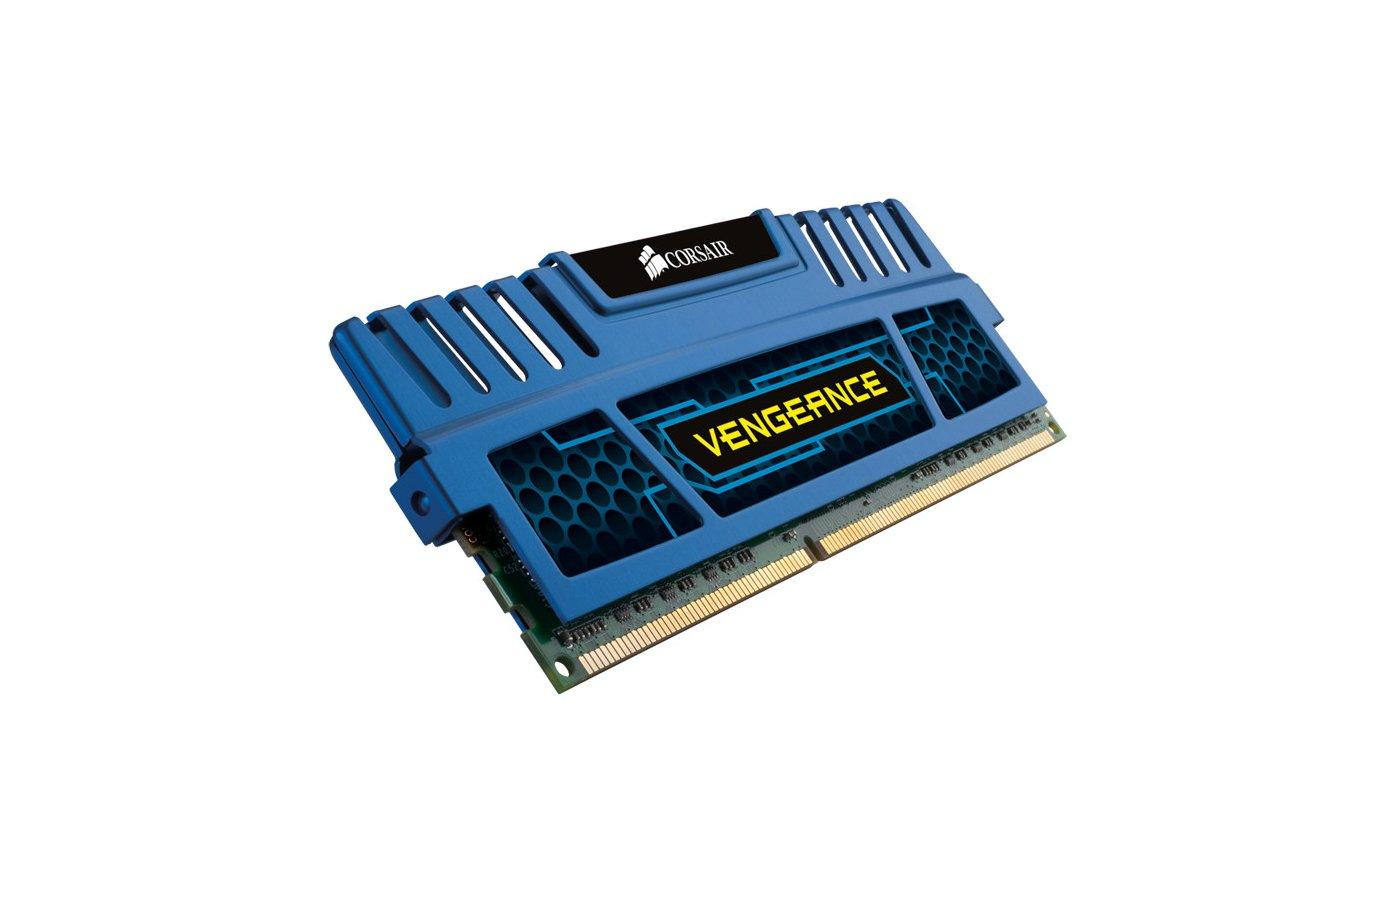 Оперативная память Corsair CMZ8GX3M1A1600C10B RTL PC3-12800 DDR3 8Gb 1600MHz CL10